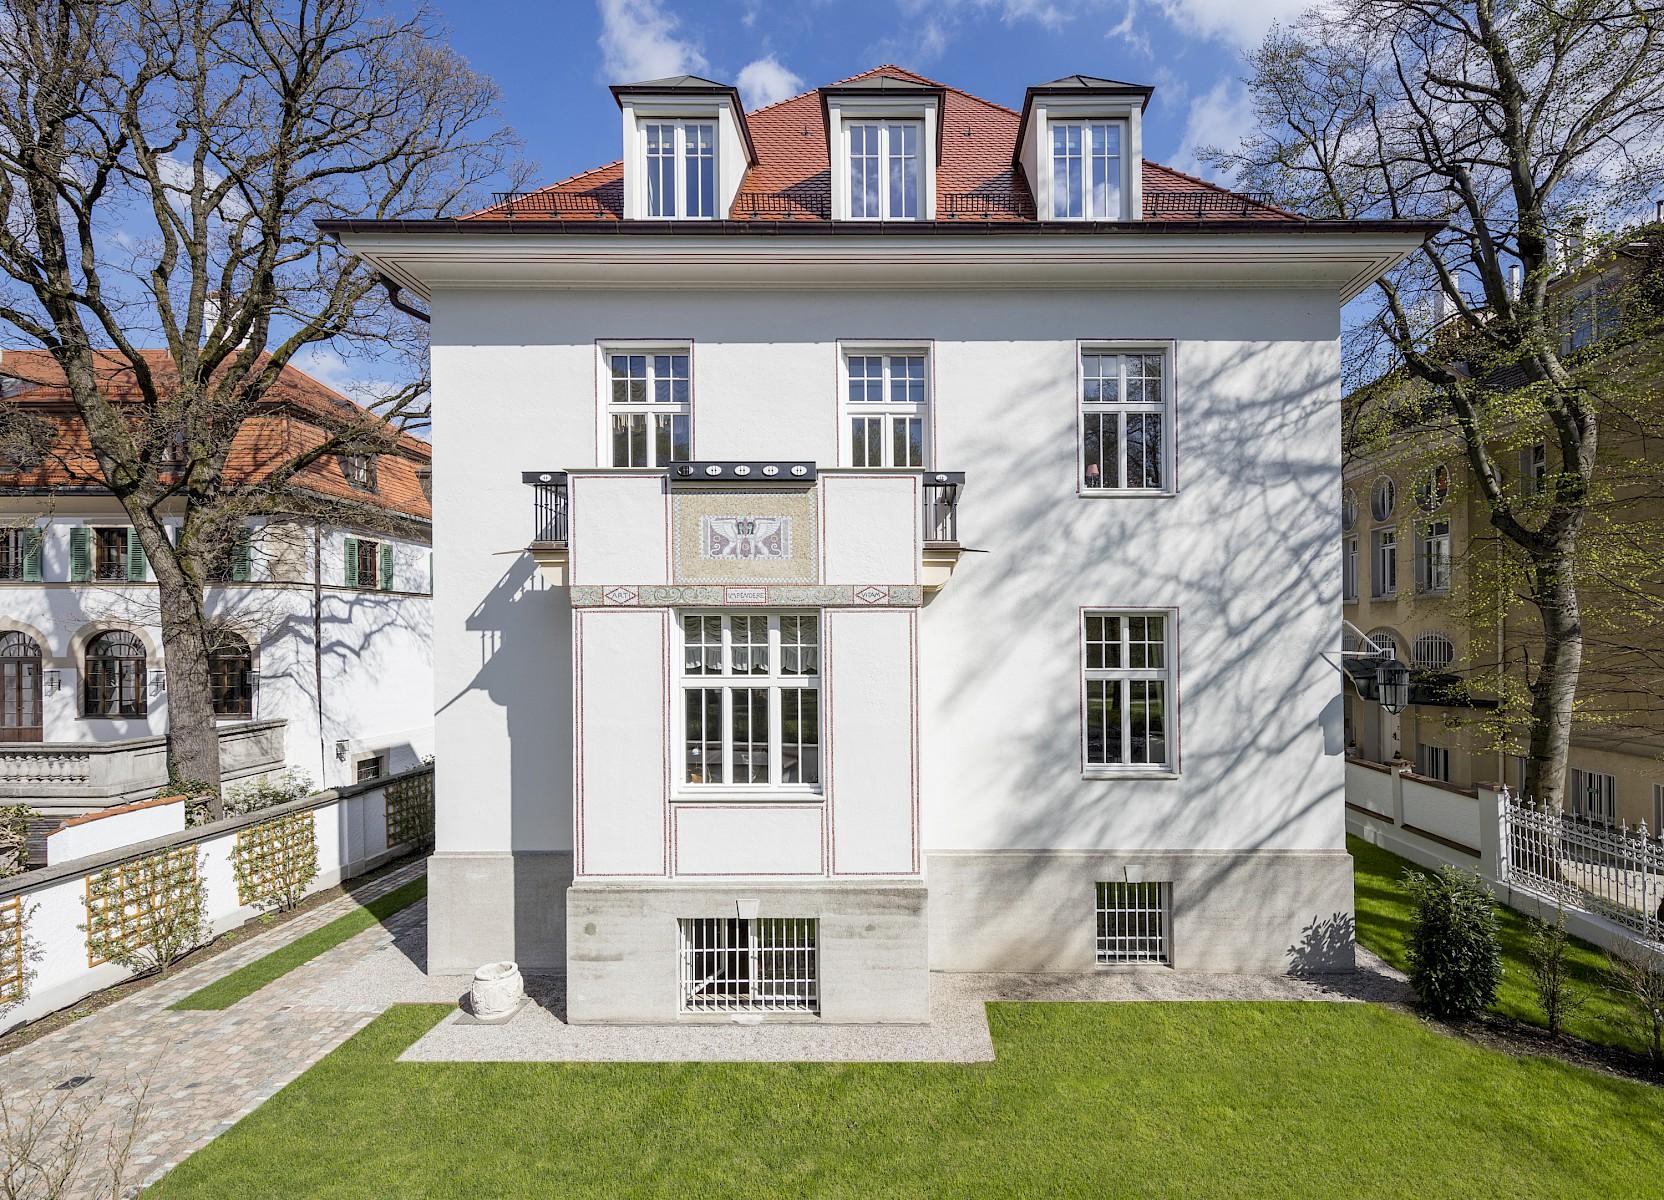 Meier scupin architekten projektauswahl umbau einer jugendstilvilla in bogenhausen - Bgf architekten ...